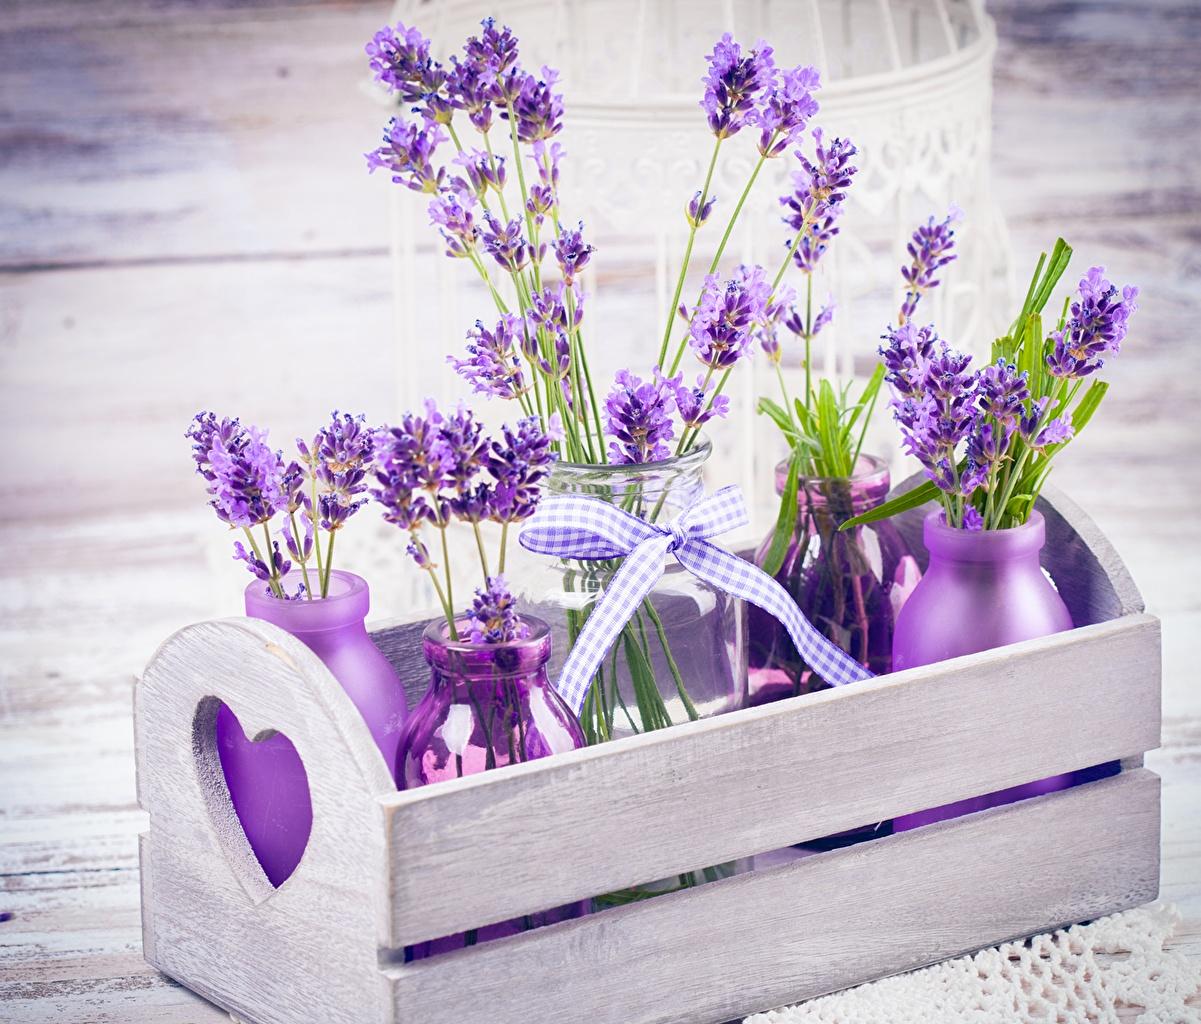 Обои для рабочего стола фиолетовых Цветы банки Лаванда Крупным планом Фиолетовый фиолетовые фиолетовая банке Банка цветок вблизи